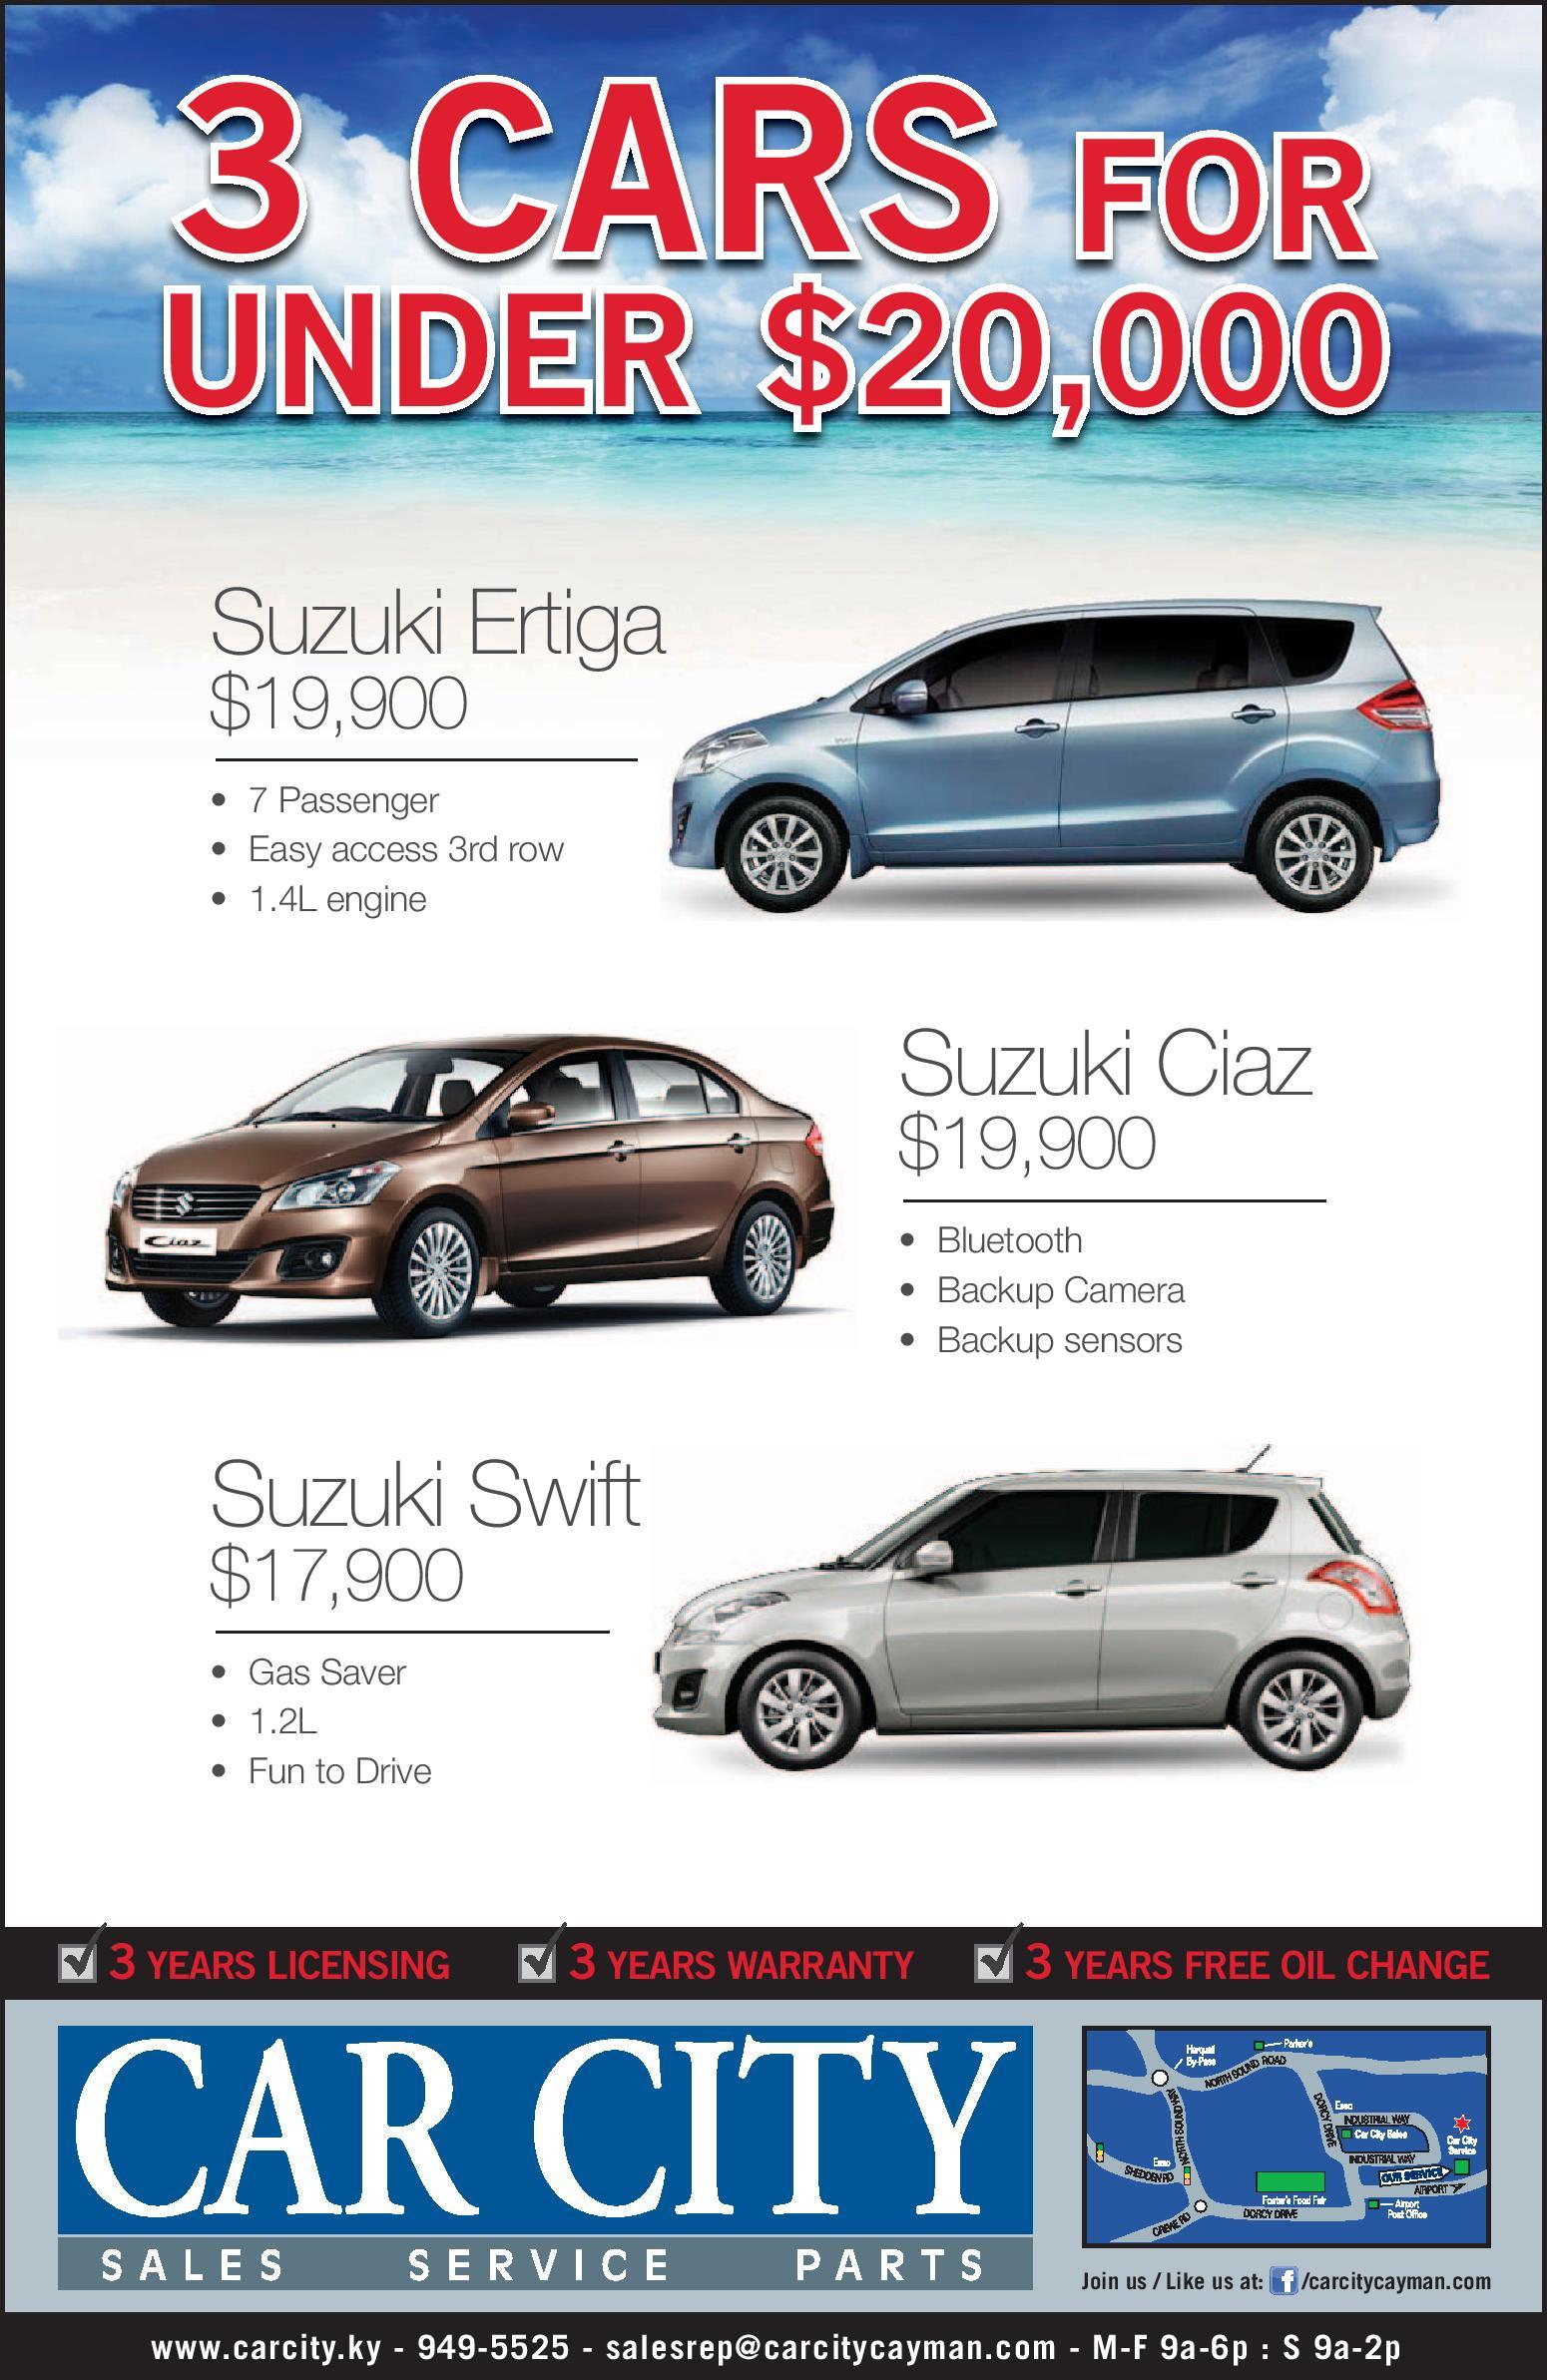 Car city sales